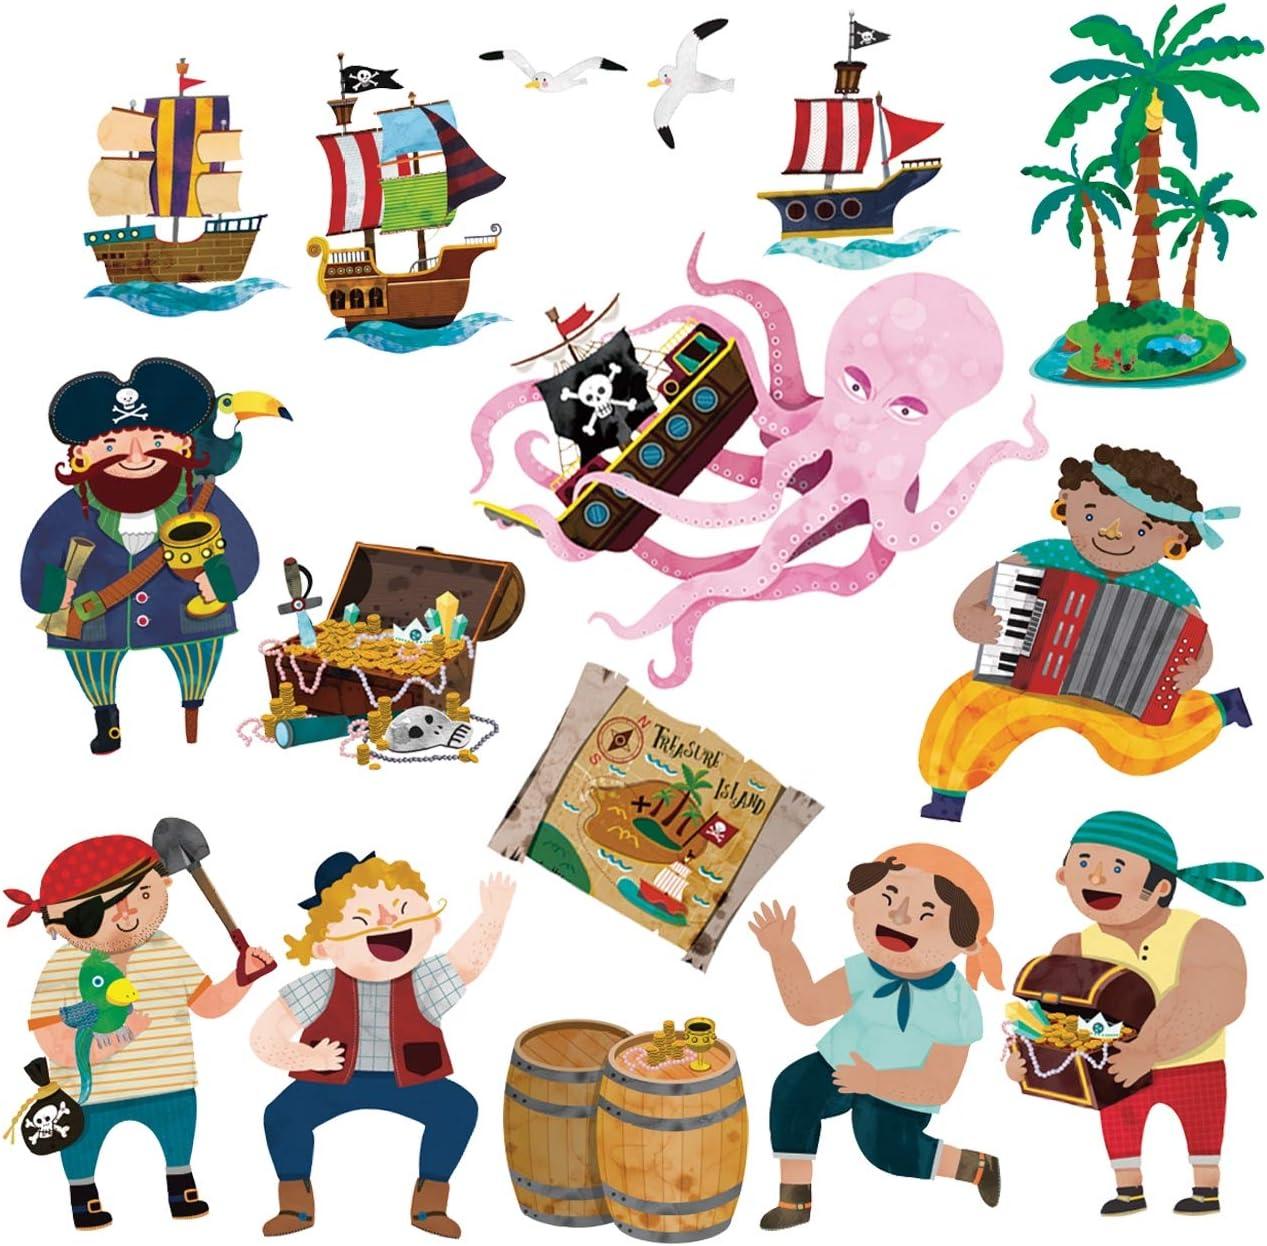 Peque/ña DECOWALL DS-8010 Piratas y la Isla del Tesoro Vinilo Pegatinas Decorativas Adhesiva Pared Dormitorio Sal/ón Guarder/ía Habitaci/ón Infantiles Ni/ños Beb/és